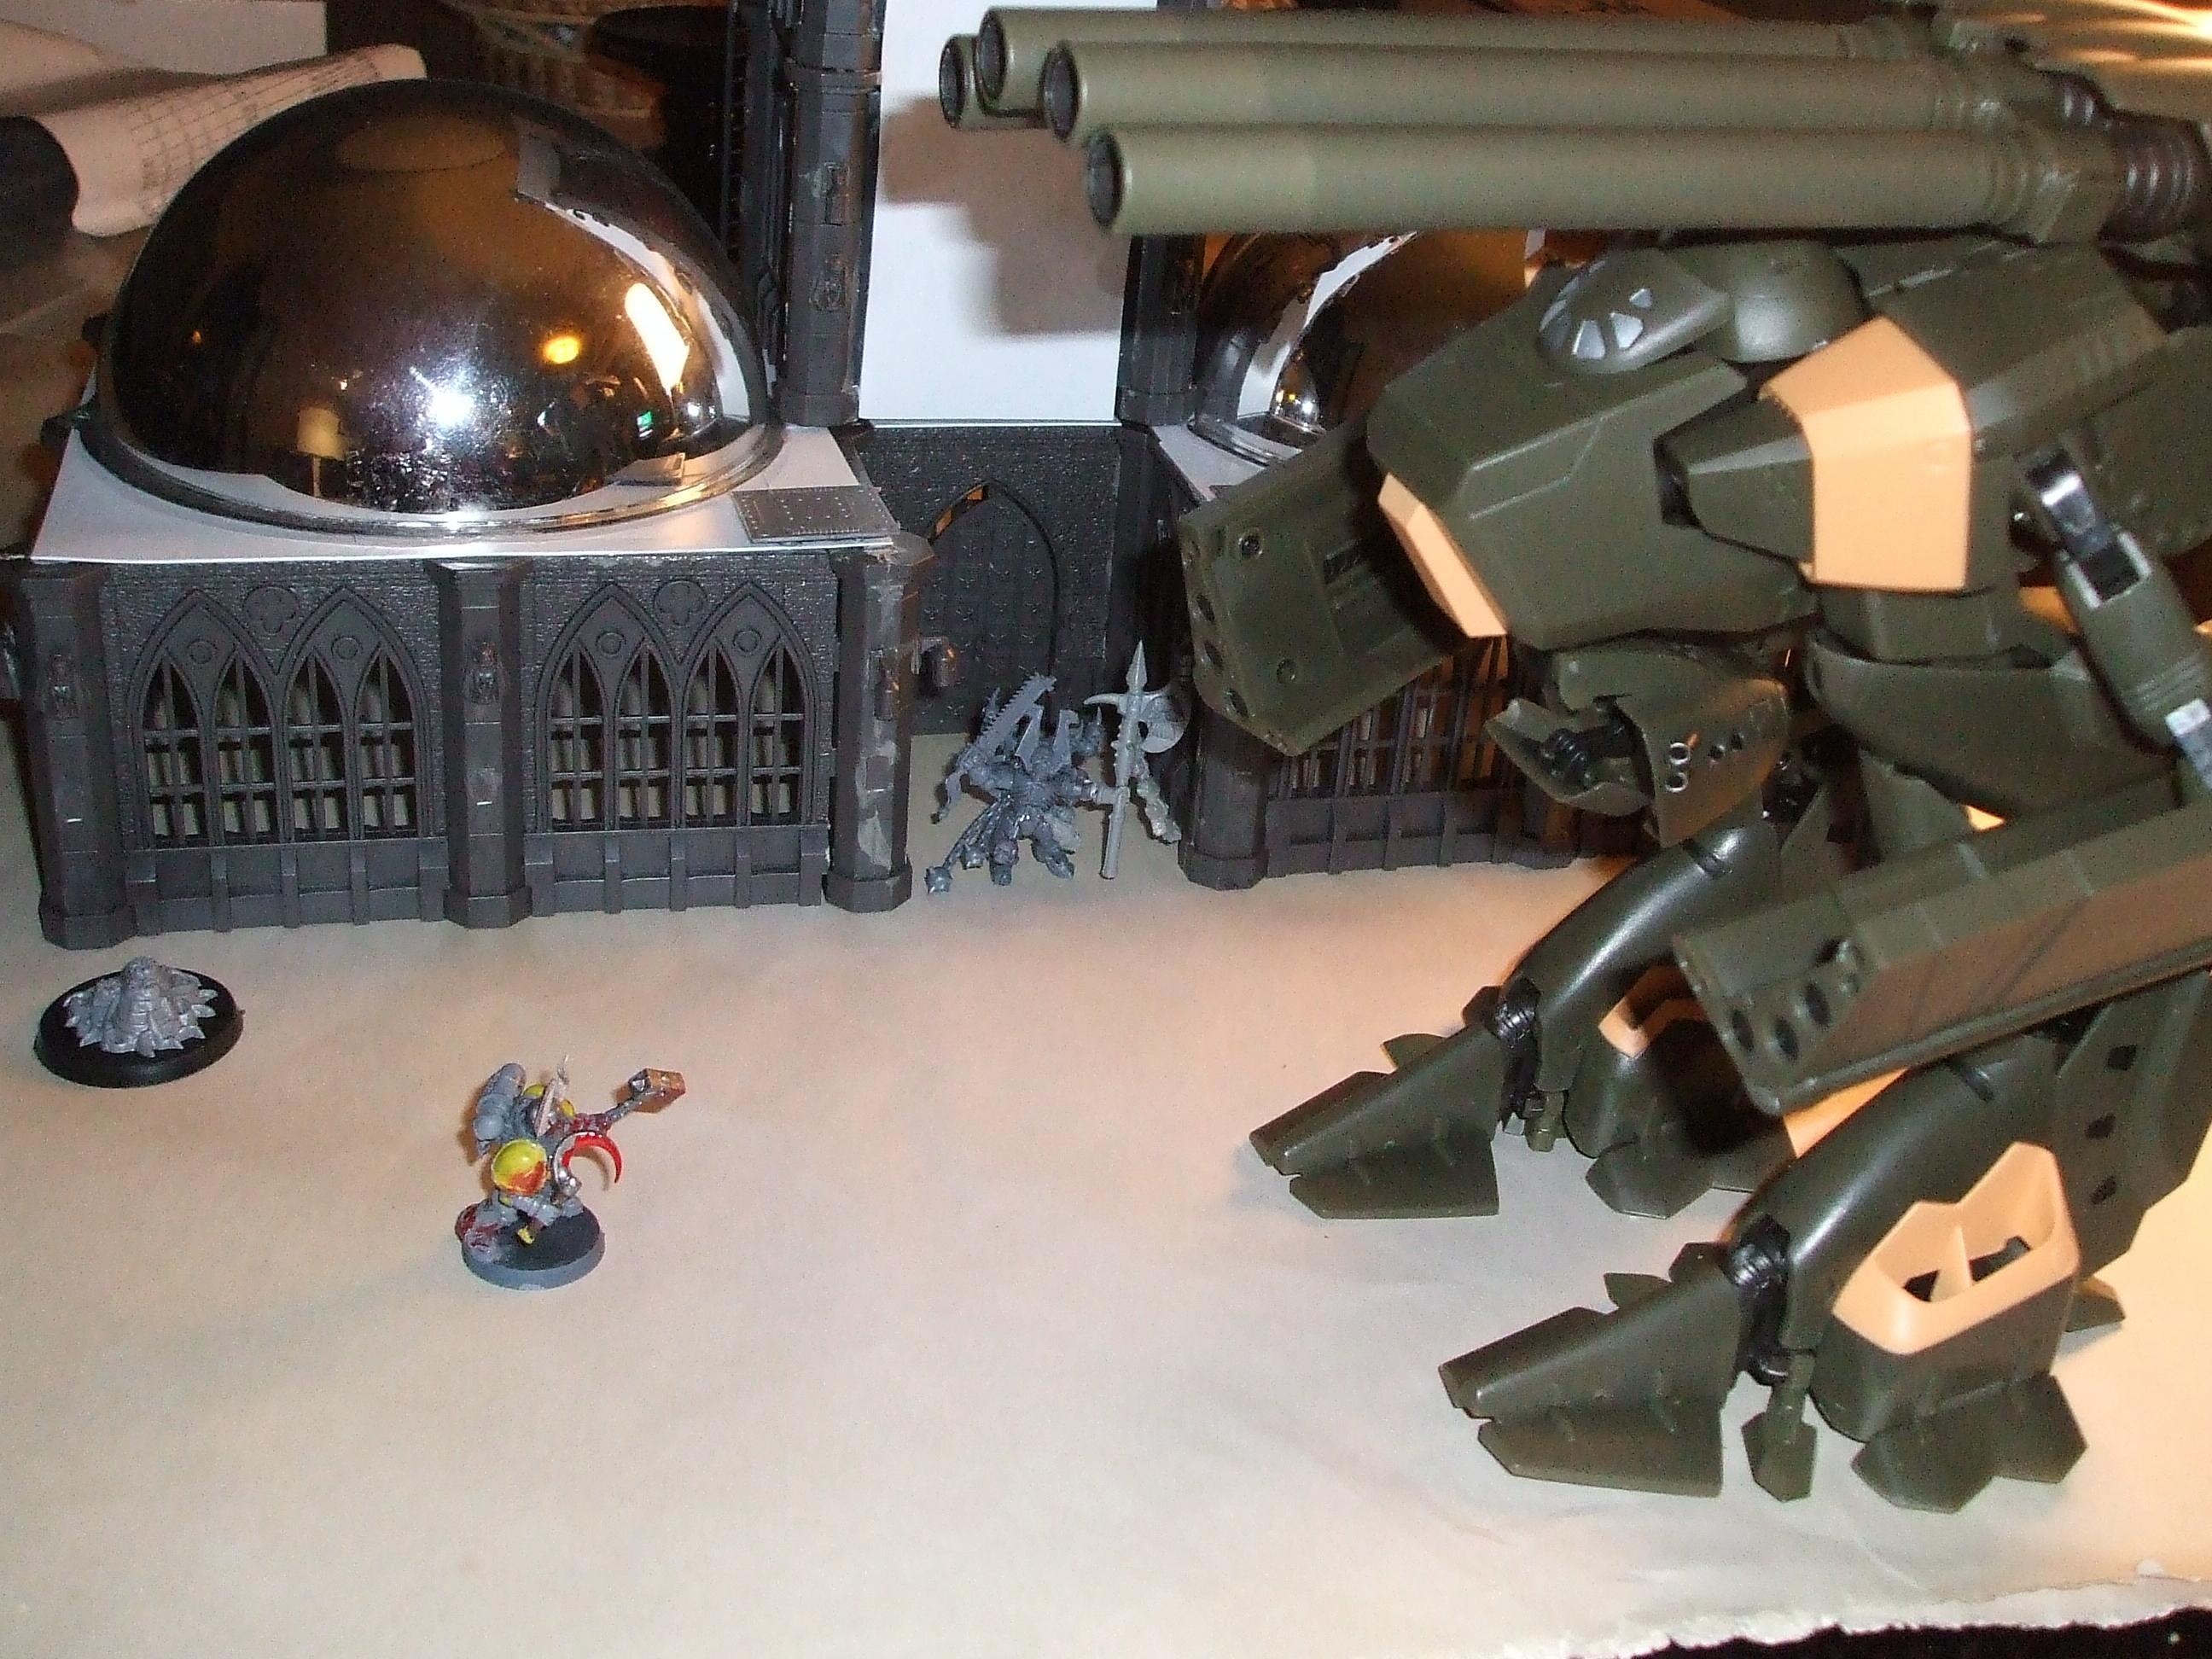 Chaos Space Marines, Destroid, Duel, Macross, Mech, Mecha, Monster, Robotech, Toy, Warhammer 40,000